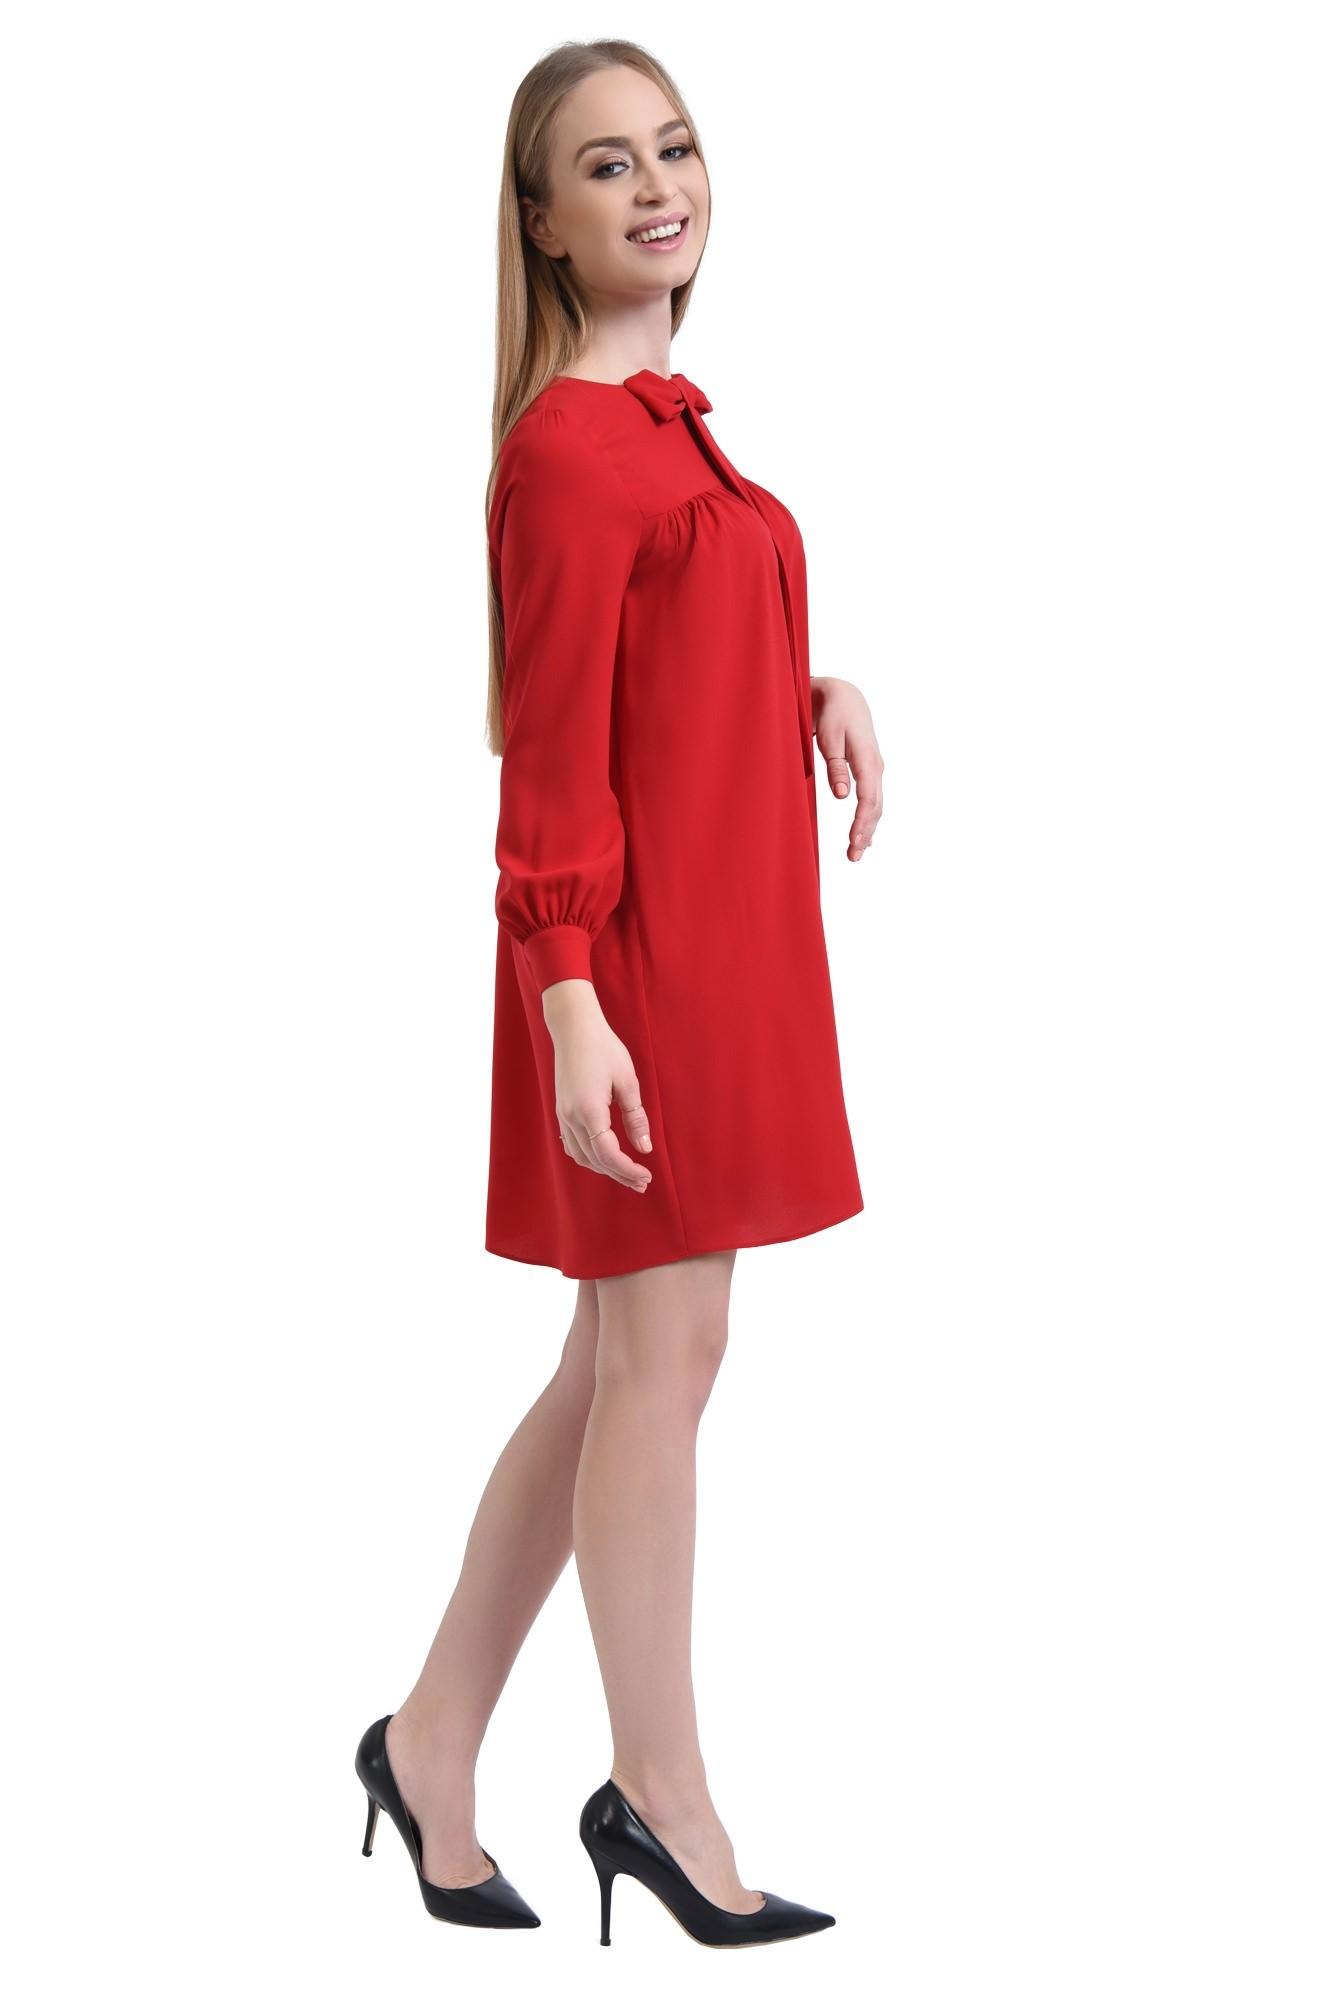 3 - 360 - rochie scurta rosie, croi evazat, tesatura fluida